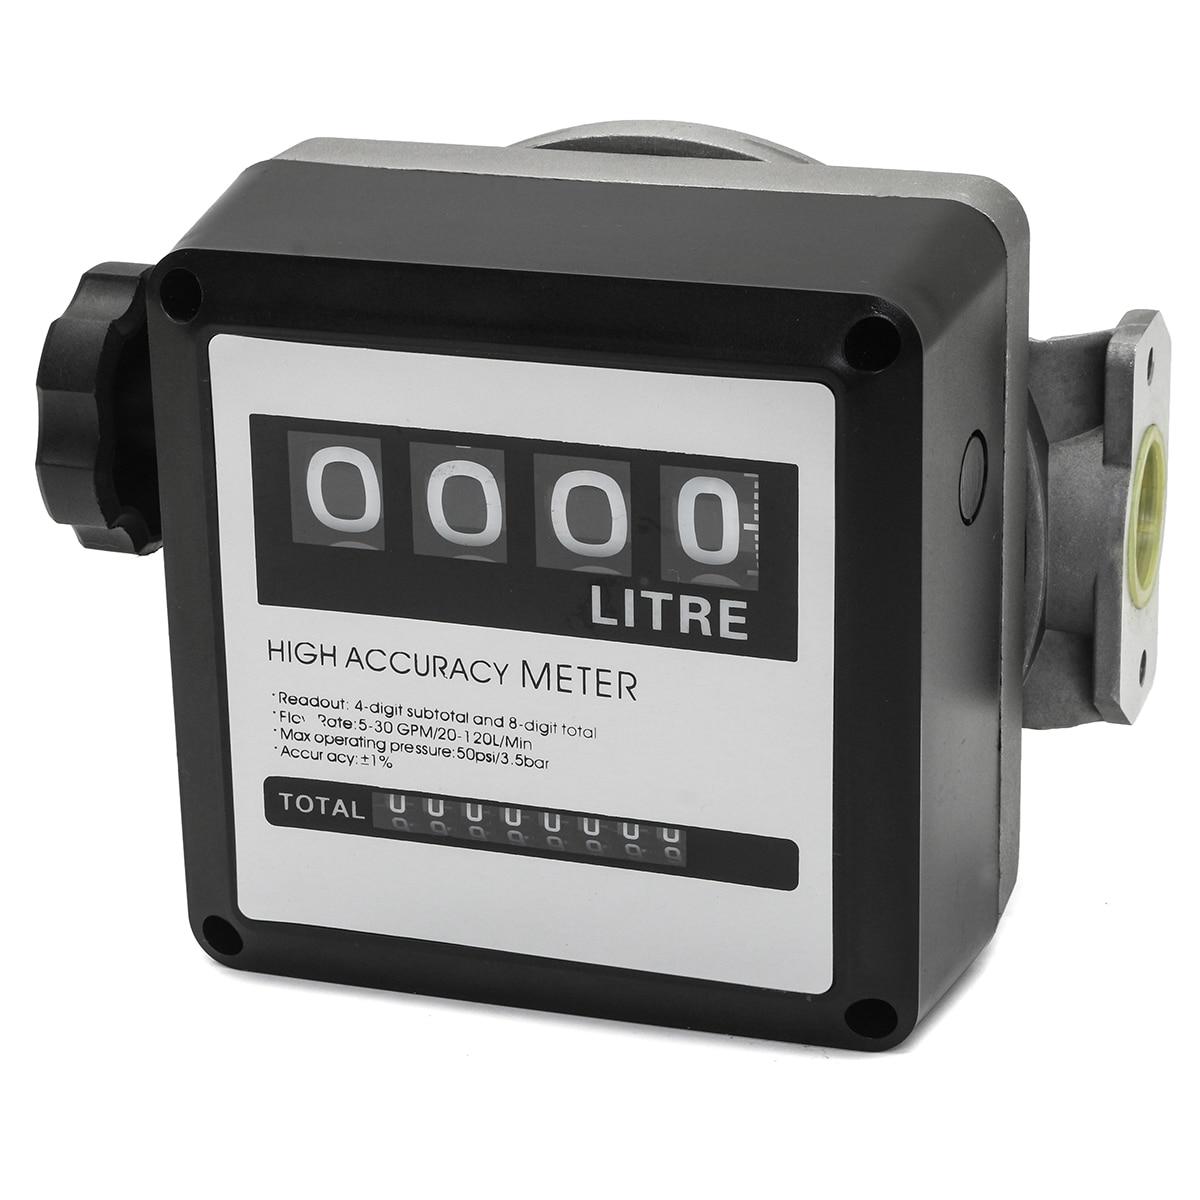 1Pcs FM 120 4 Digital for Diesel Gasoline Fuel Petrol Oil Flow Meter Counter Gauge 20 120L/Min for Refueling device